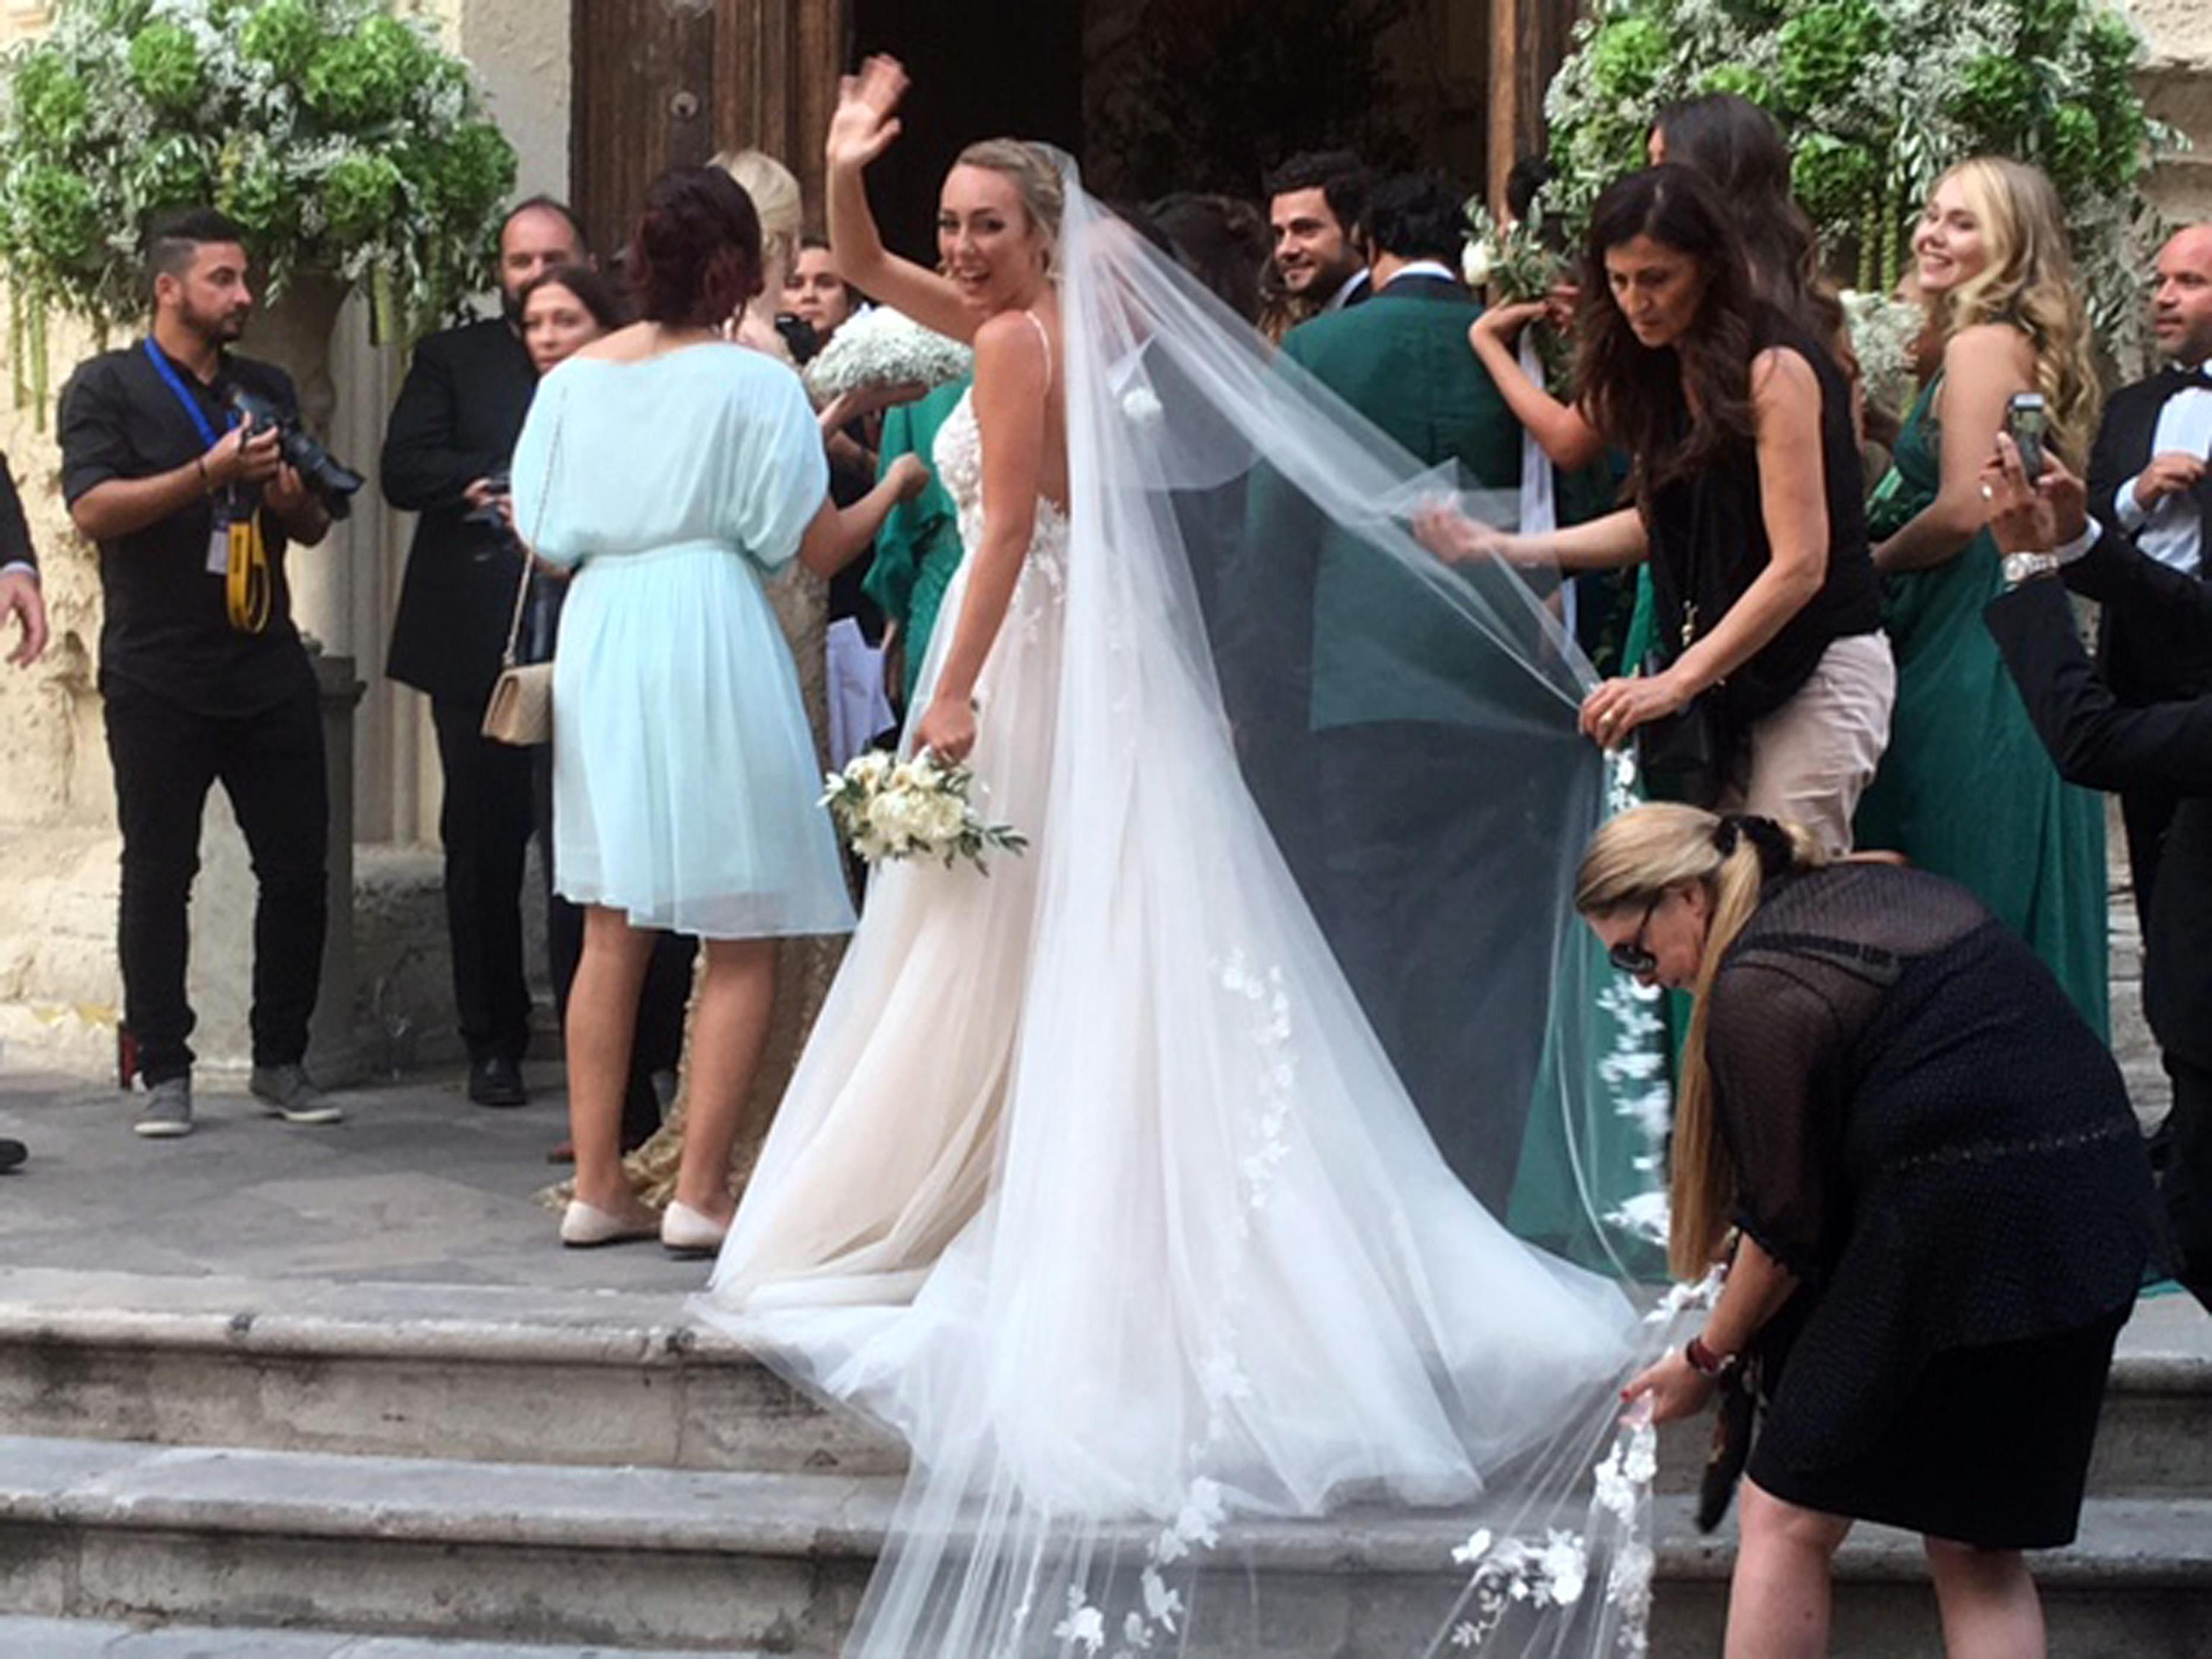 L'arrivo della sposa, Cristel Carrisi, figlia di Al Bano e Romina nella chiesa di San Matteo a Lecce, 3 Agosto 2016. Lo sposo, imprenditore cileno- croato, Davor Luksic attende all'interno. ANSA/ STEFANIA CONGEDO